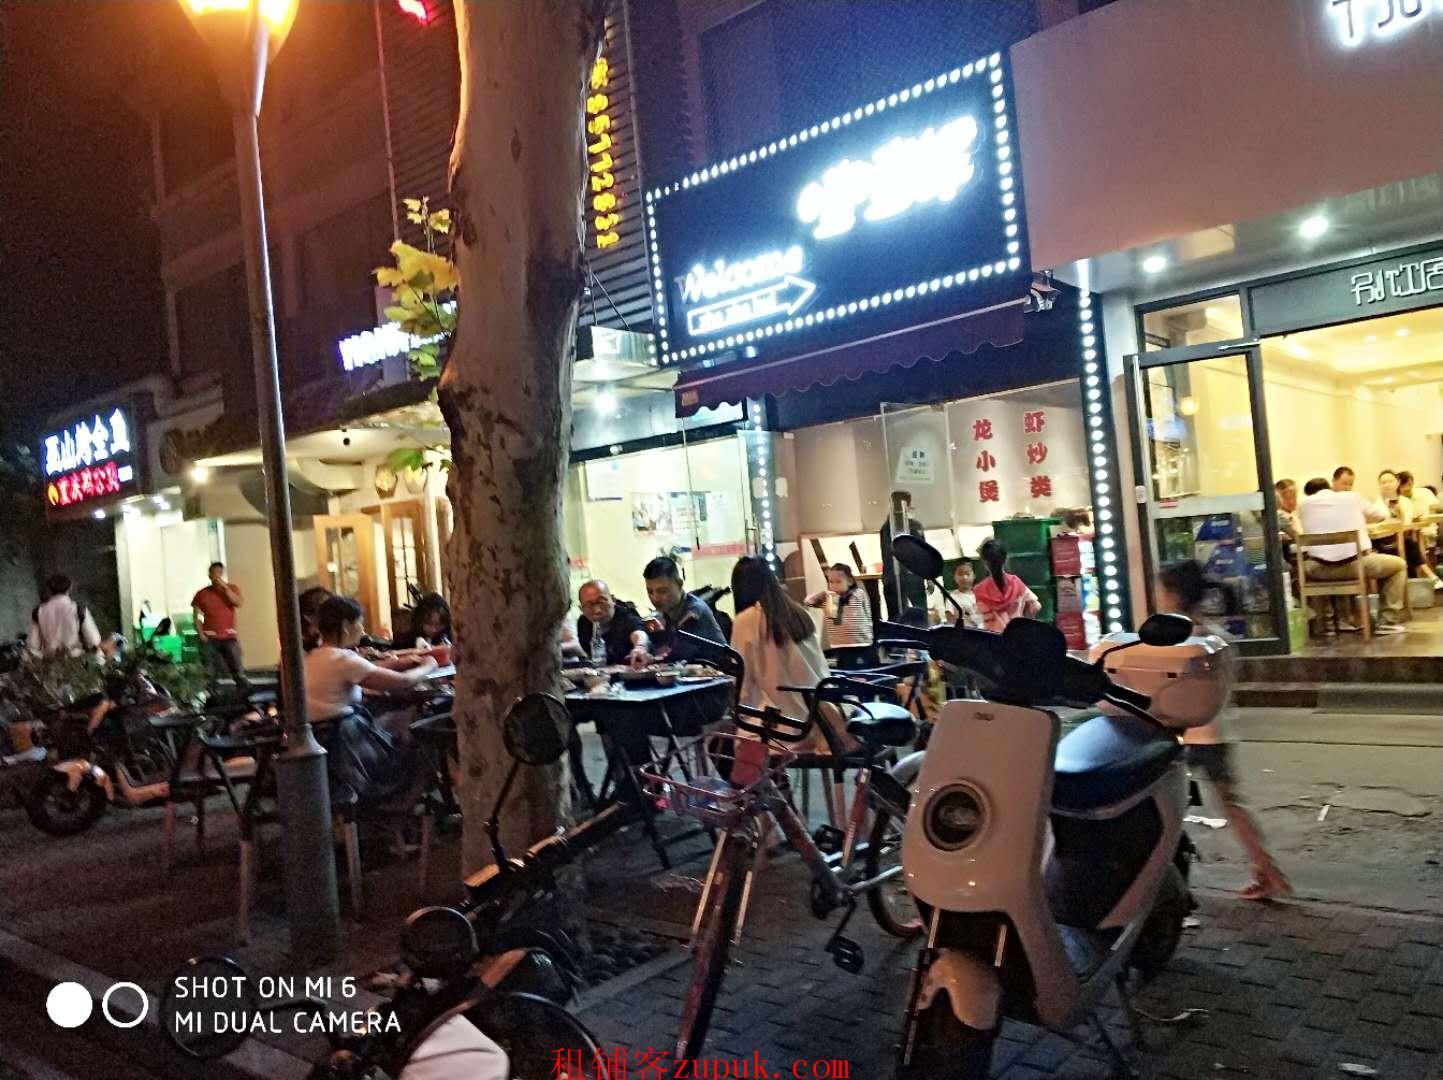 王道公园 重餐饮商铺 烧烤 龙虾 生蚝 烤鱼等特色小吃